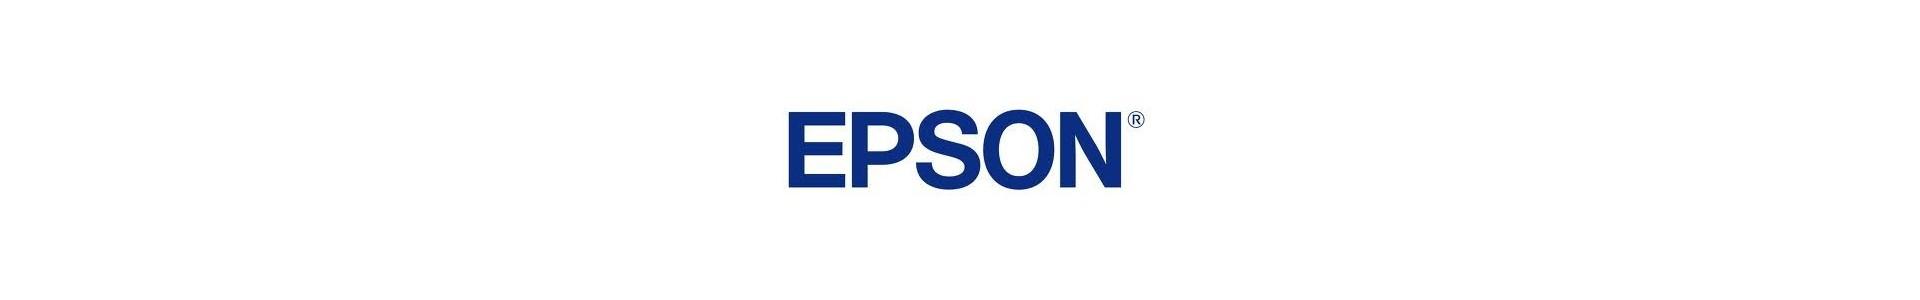 Tinteiros Compativeis Epson